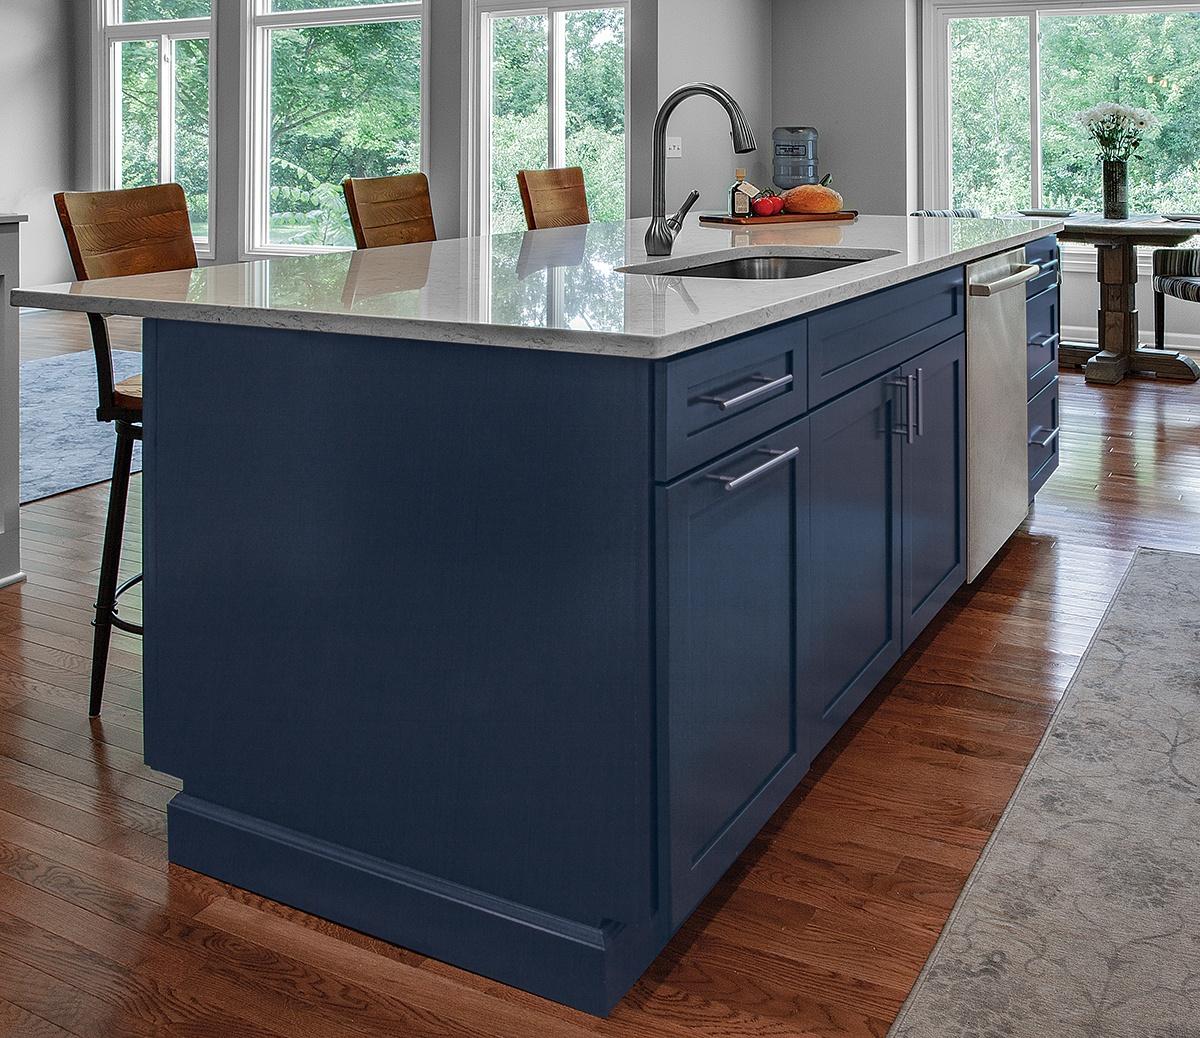 Merillat-Kitchen-Design-Masterpiece-Maple-Midnight-Blue-Island